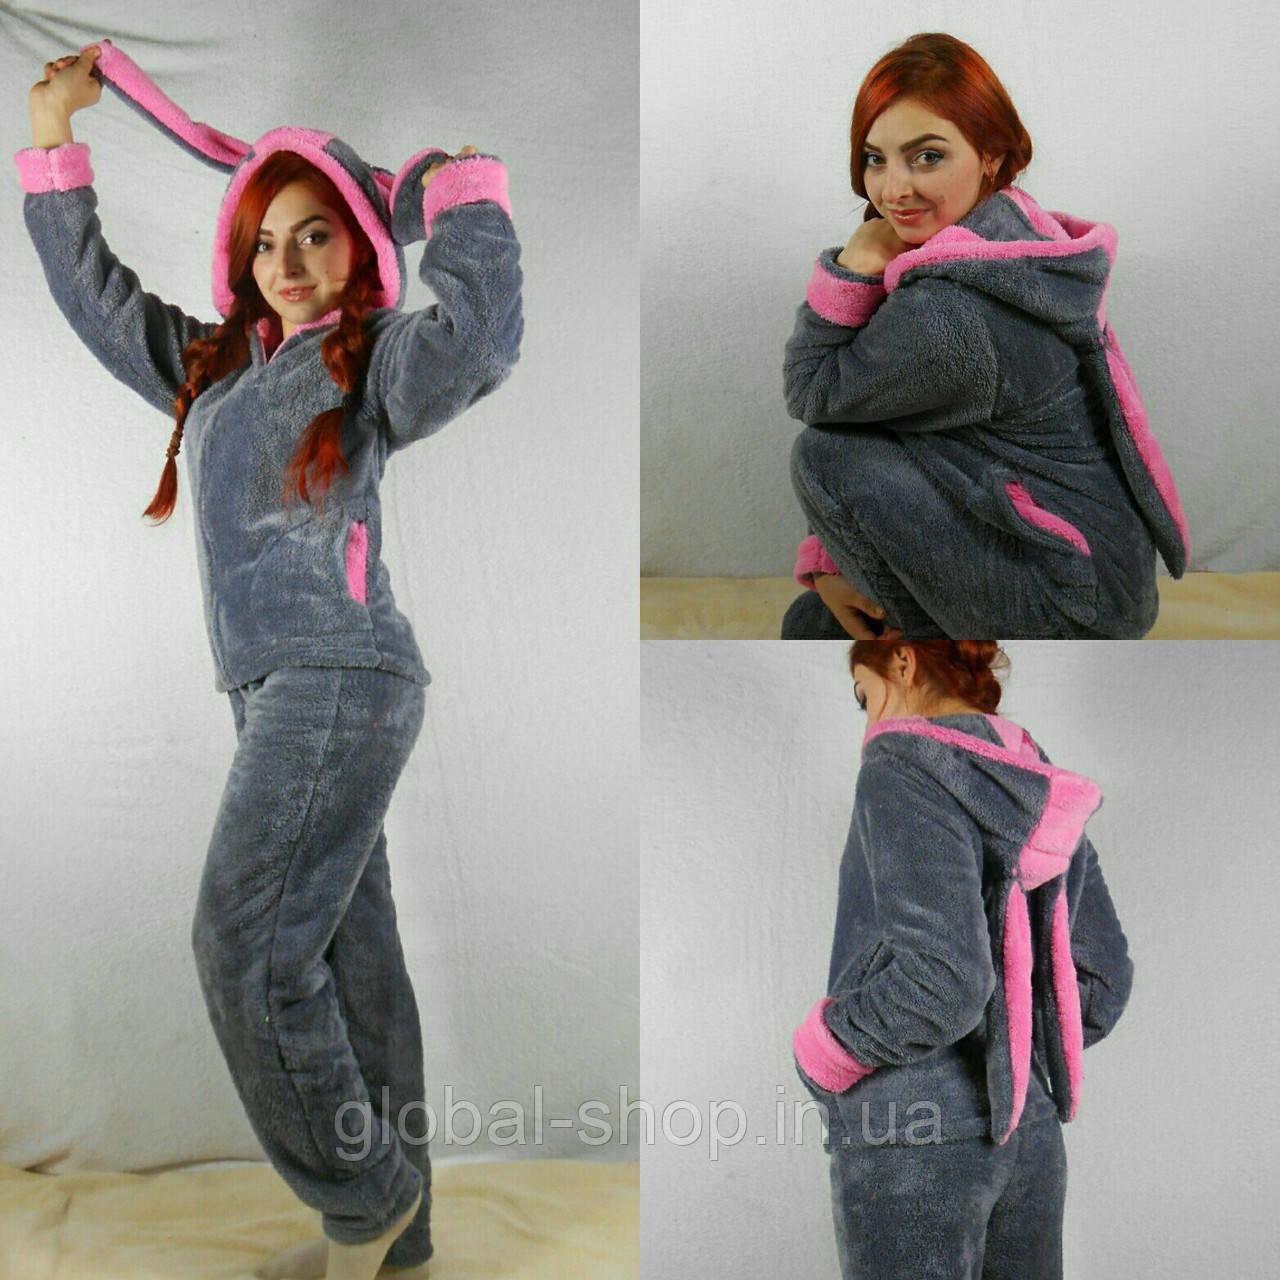 Домашний женский костюм-пижама с ушками 4 цвета - Интернет магазин Global  Shop в Киеве edb8871ac2b6c